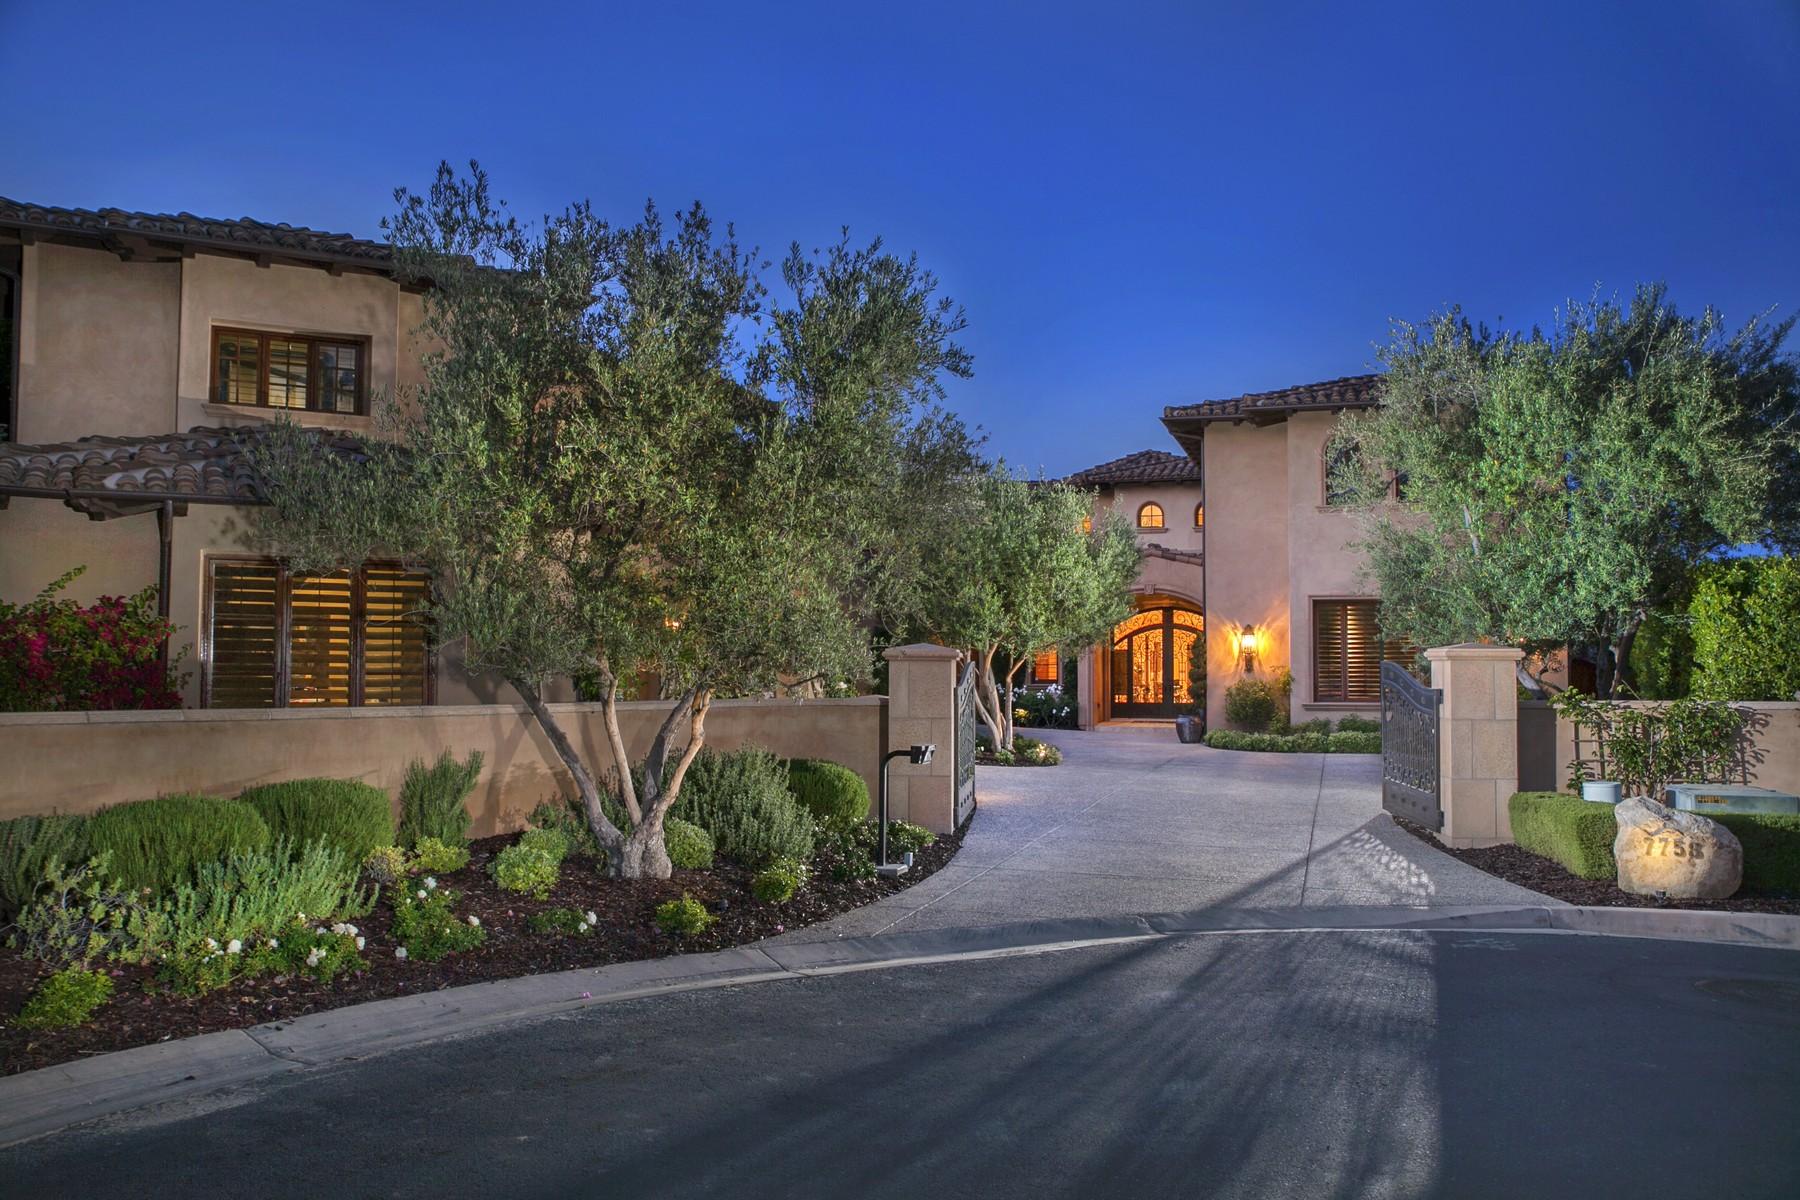 Частный односемейный дом для того Продажа на 7758 - 7760 Road To Zanzibar Rancho Santa Fe, Калифорния 92127 Соединенные Штаты